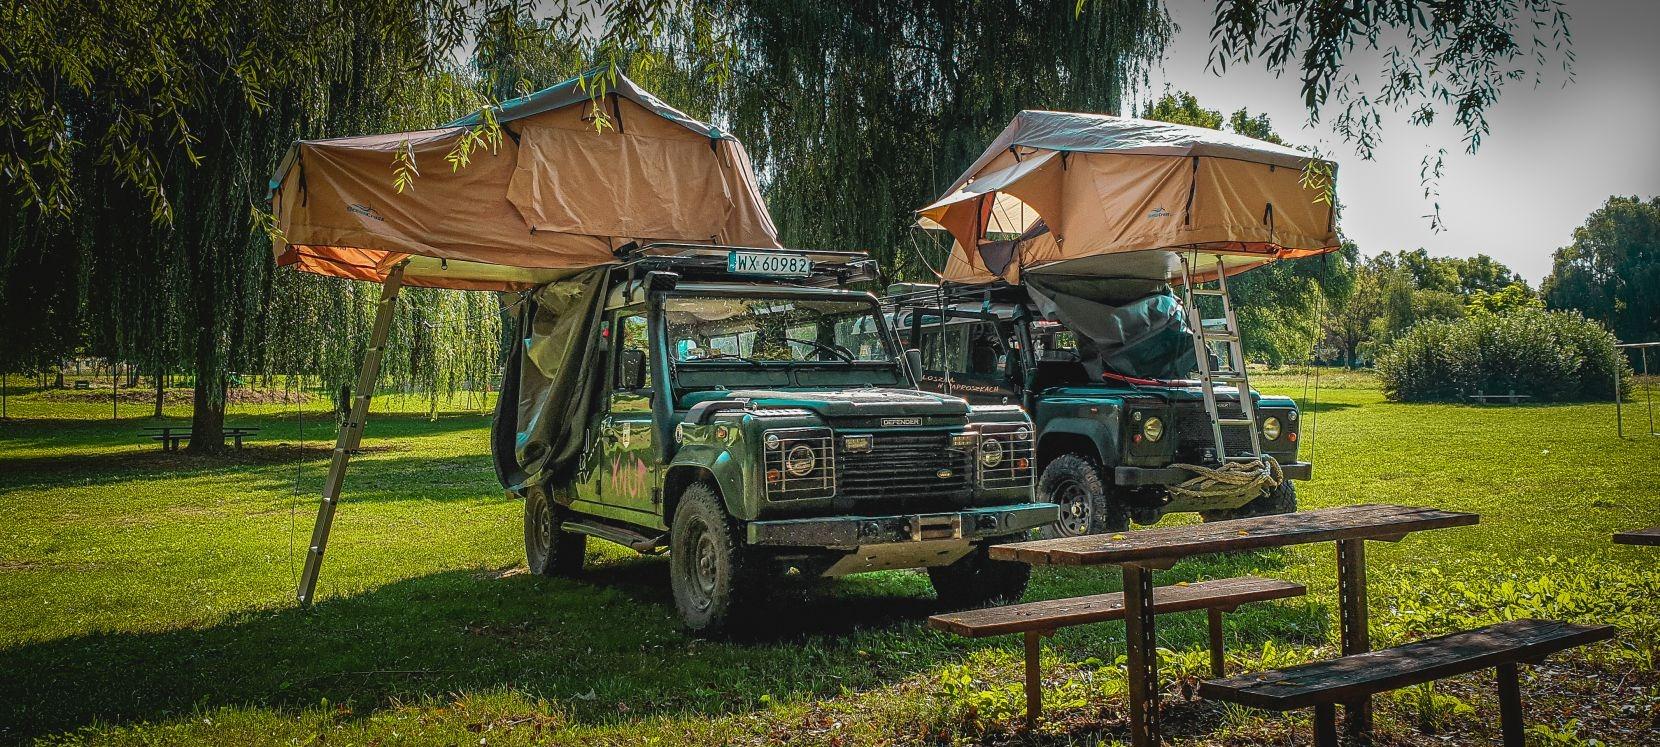 Namiot dachowy lepszy od naziemnego?